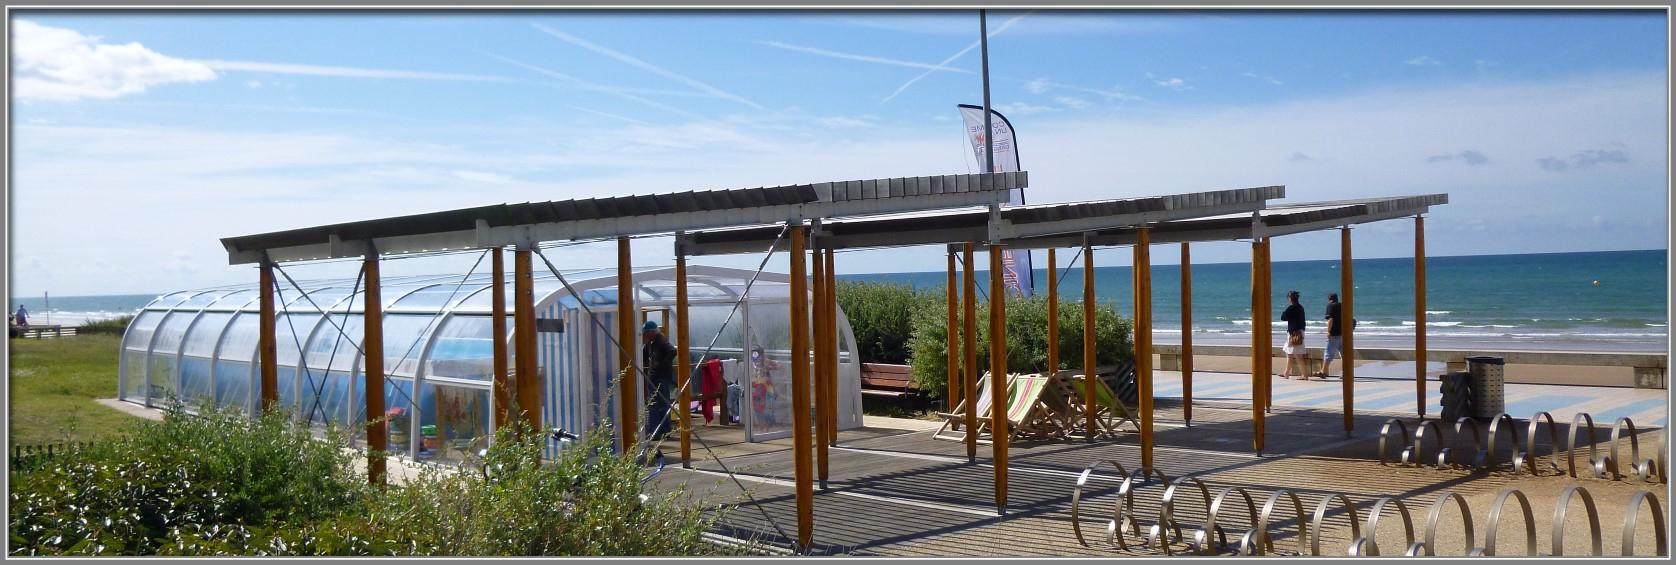 Going Out / Leisure - Vendee Tourism pour Piscine St Gilles Croix De Vie